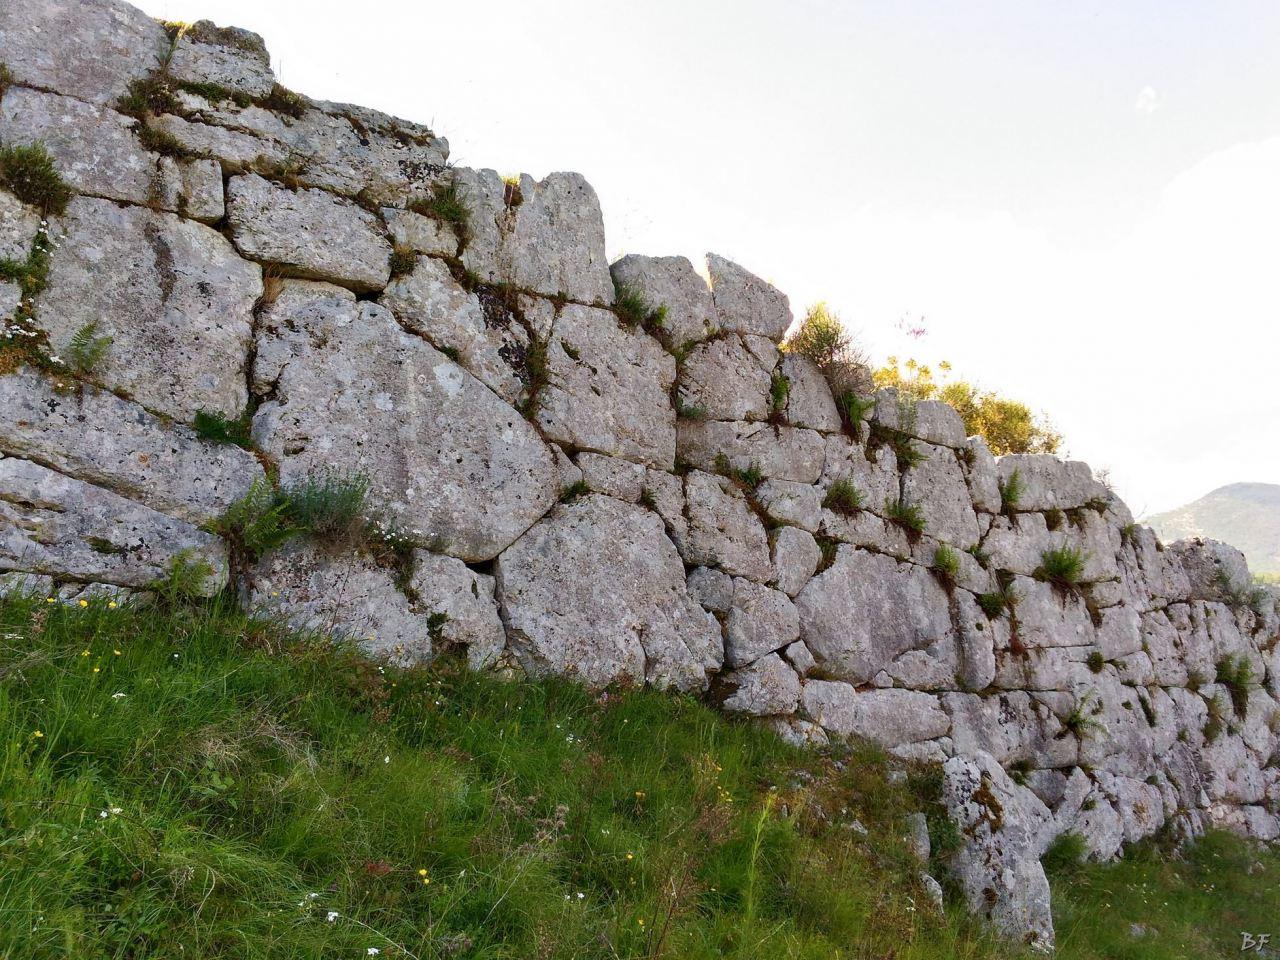 Signia-Mura-Poligonali-Megalitiche-Segni-Roma-Lazio-Italia-6